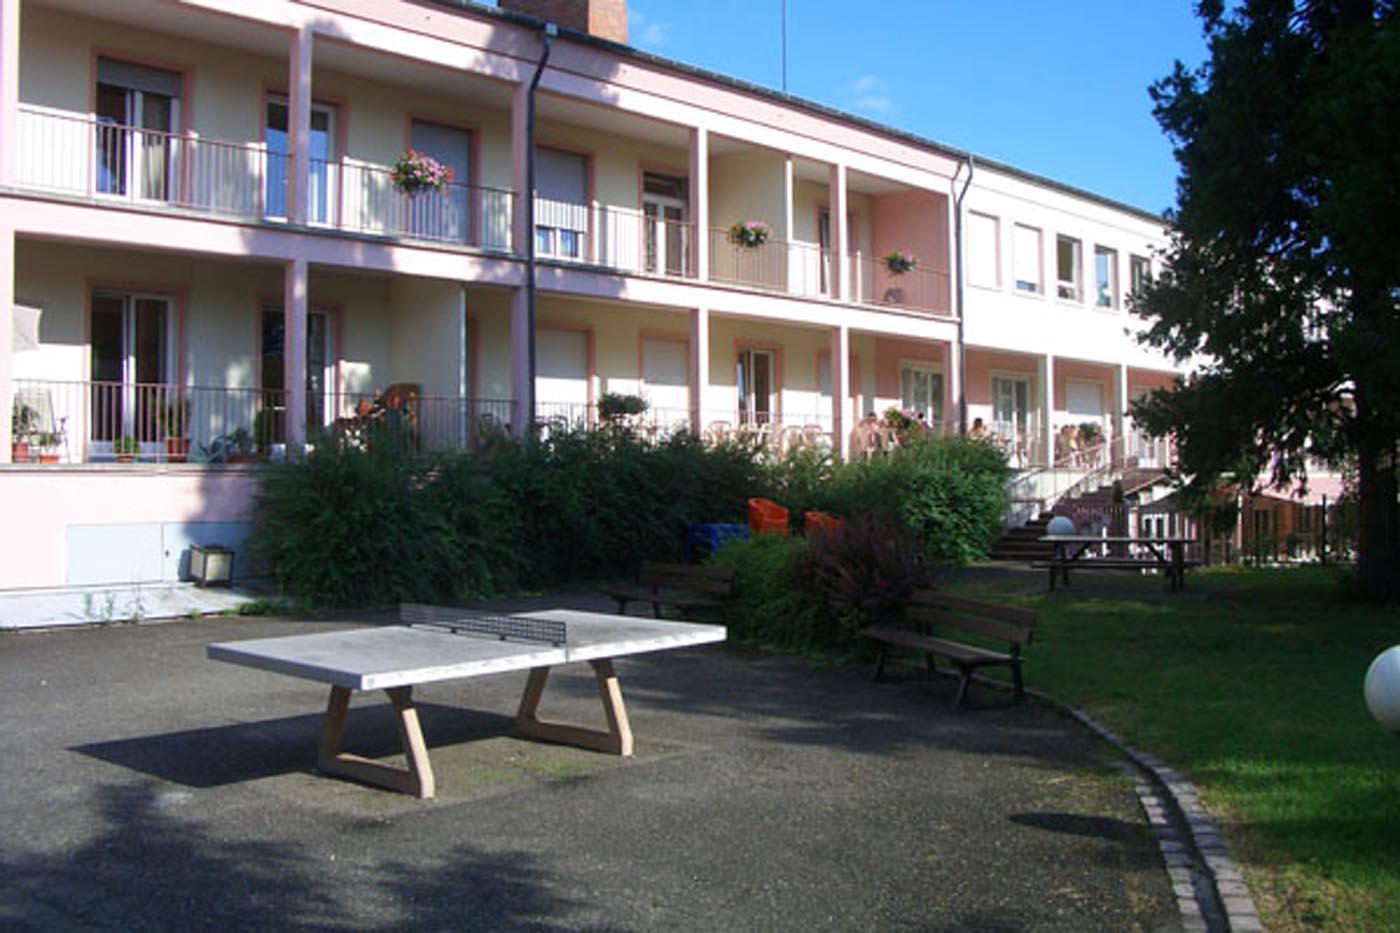 Offre voyage scolaire 16017 fr tourisme en alsace for Auberge de jeunesse la maison